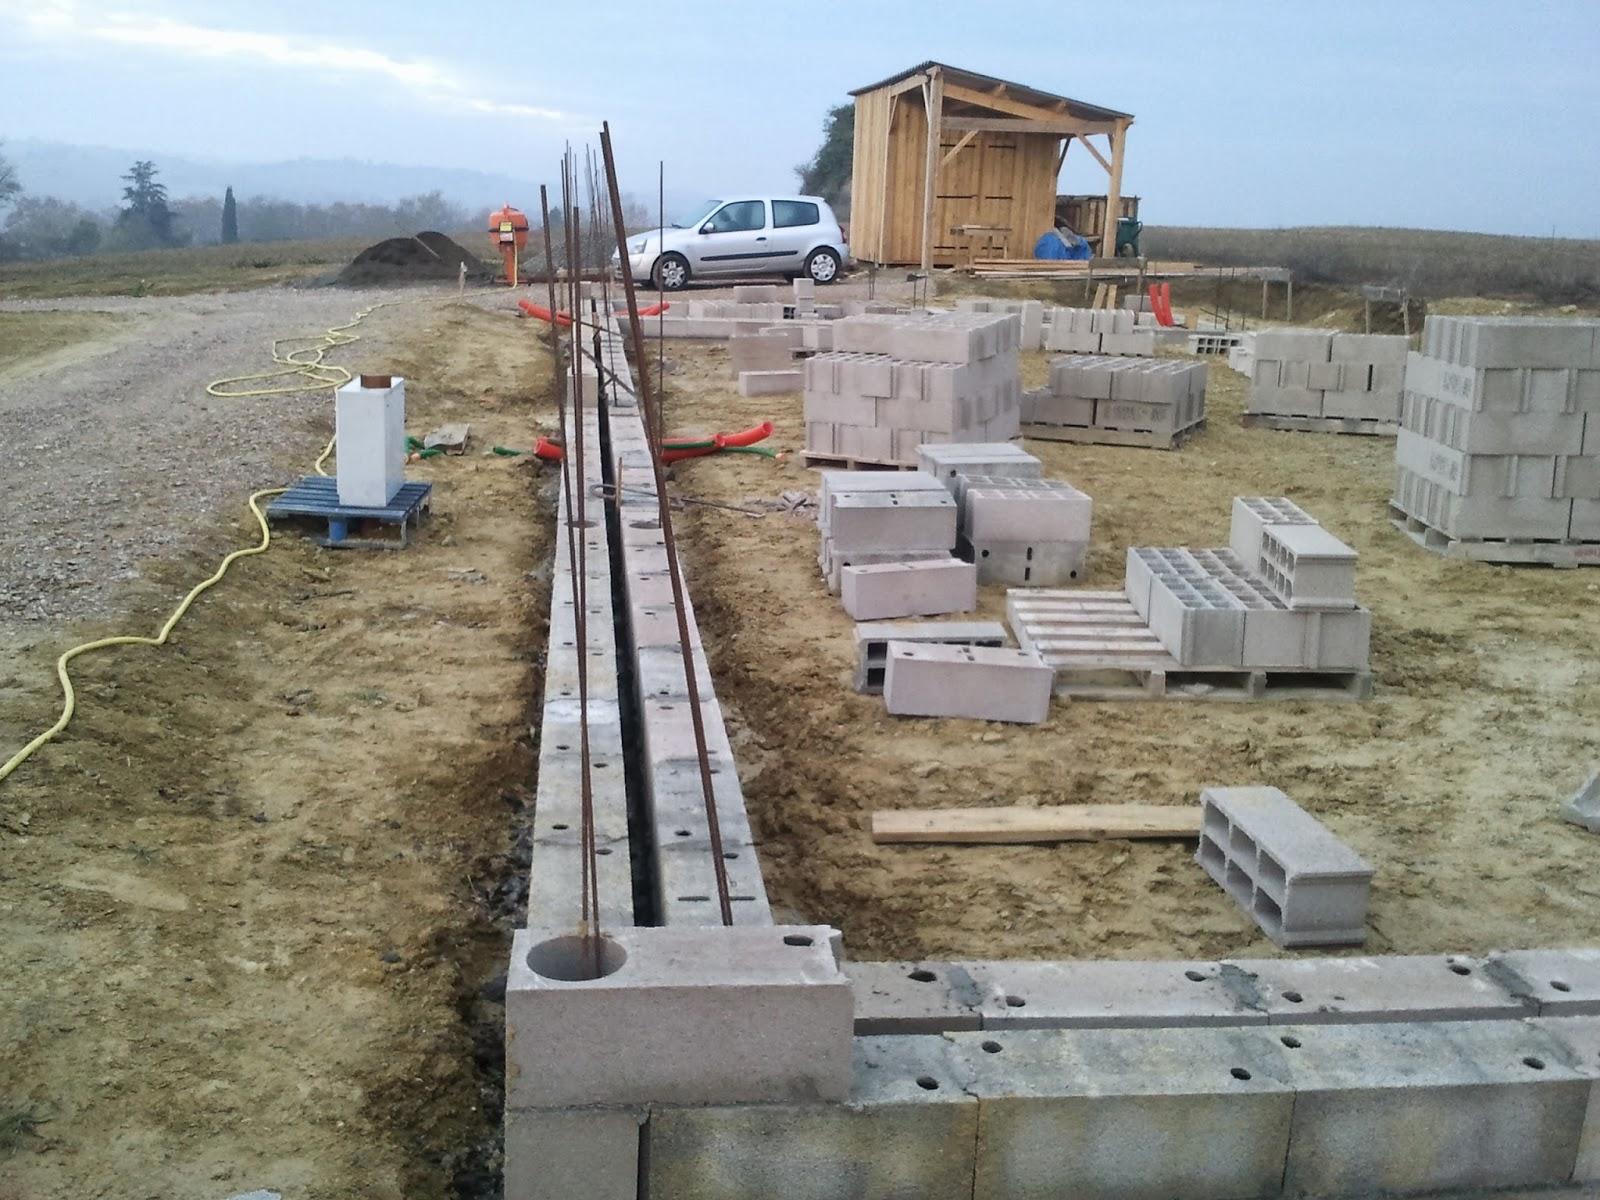 Les barboteurs d cembre 2013 for Construire un poulailler en dur